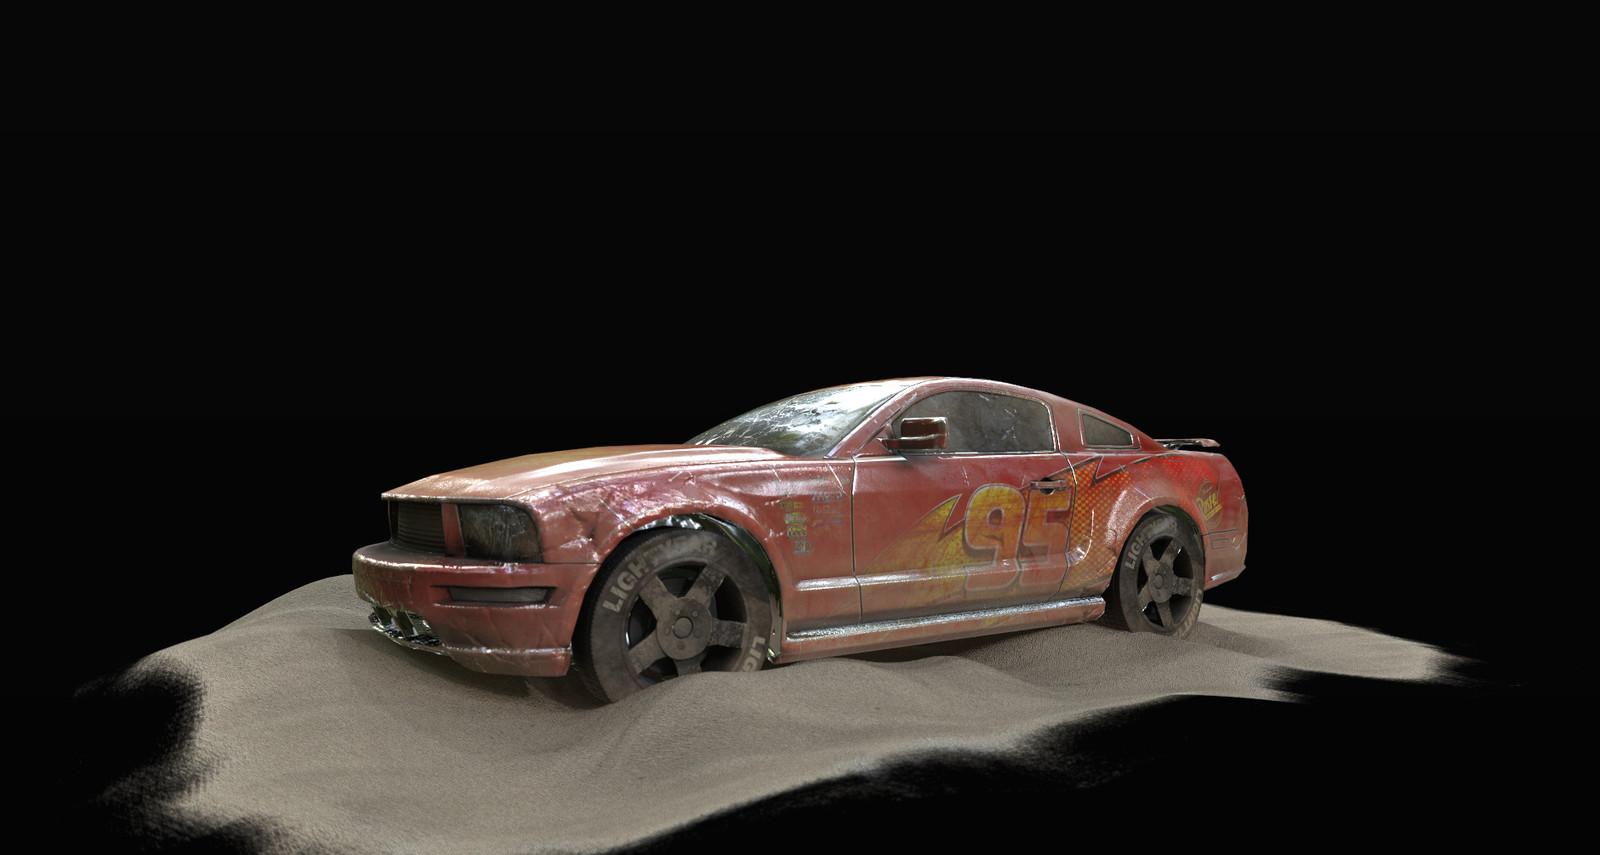 Sketchfab Texturing Challenge - car desert